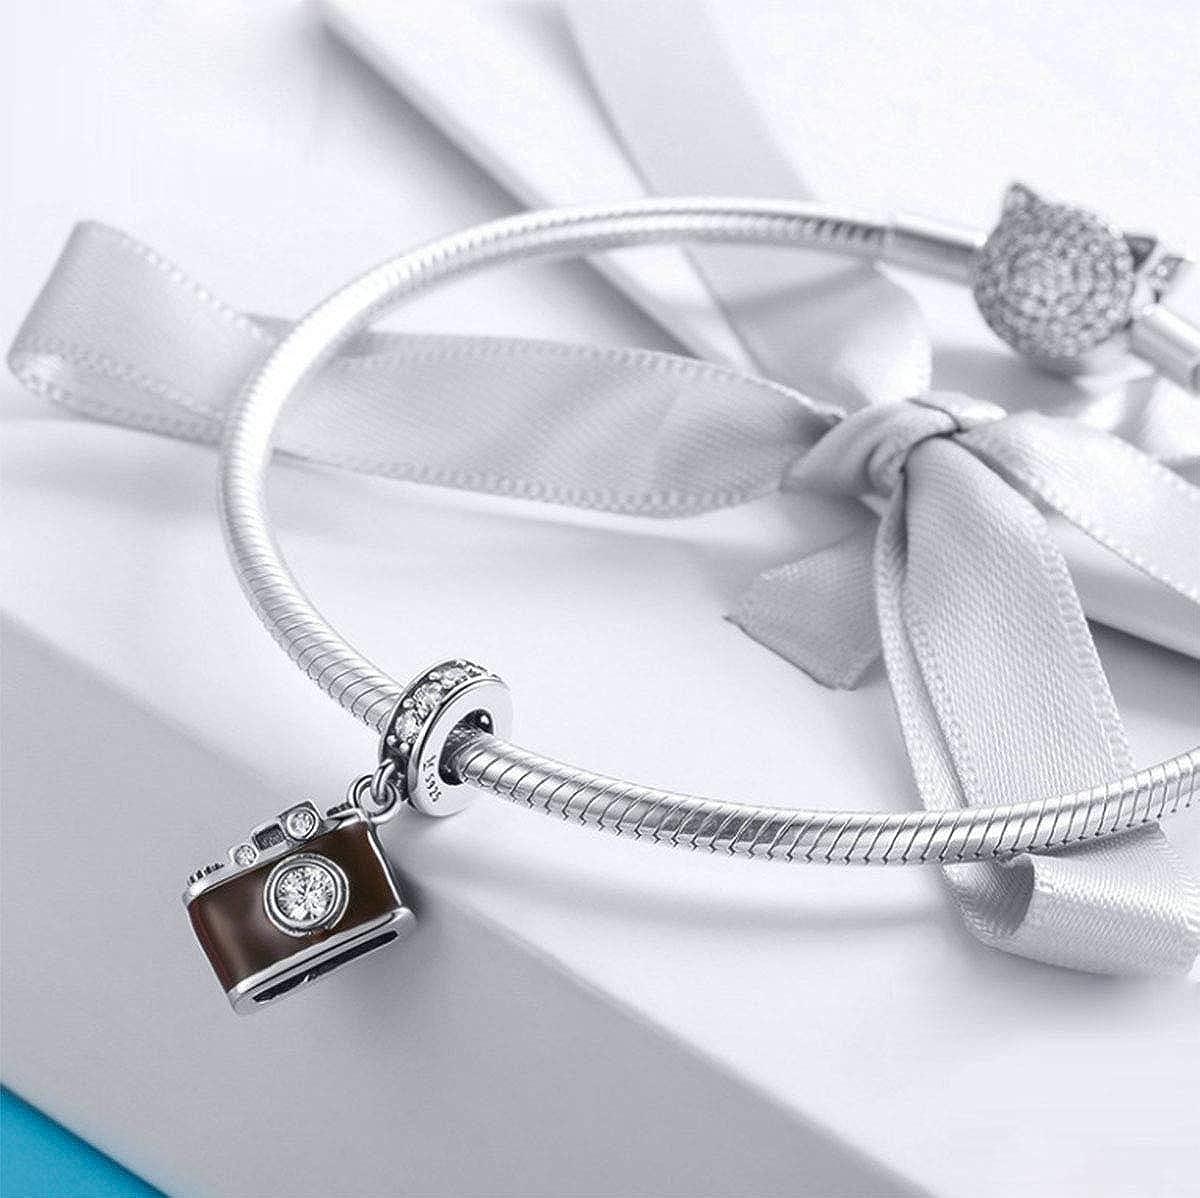 Breloque en argent sterling 925 authentique pour appareil photo avec inscription /« I Love to Travel /» pour bracelet et collier